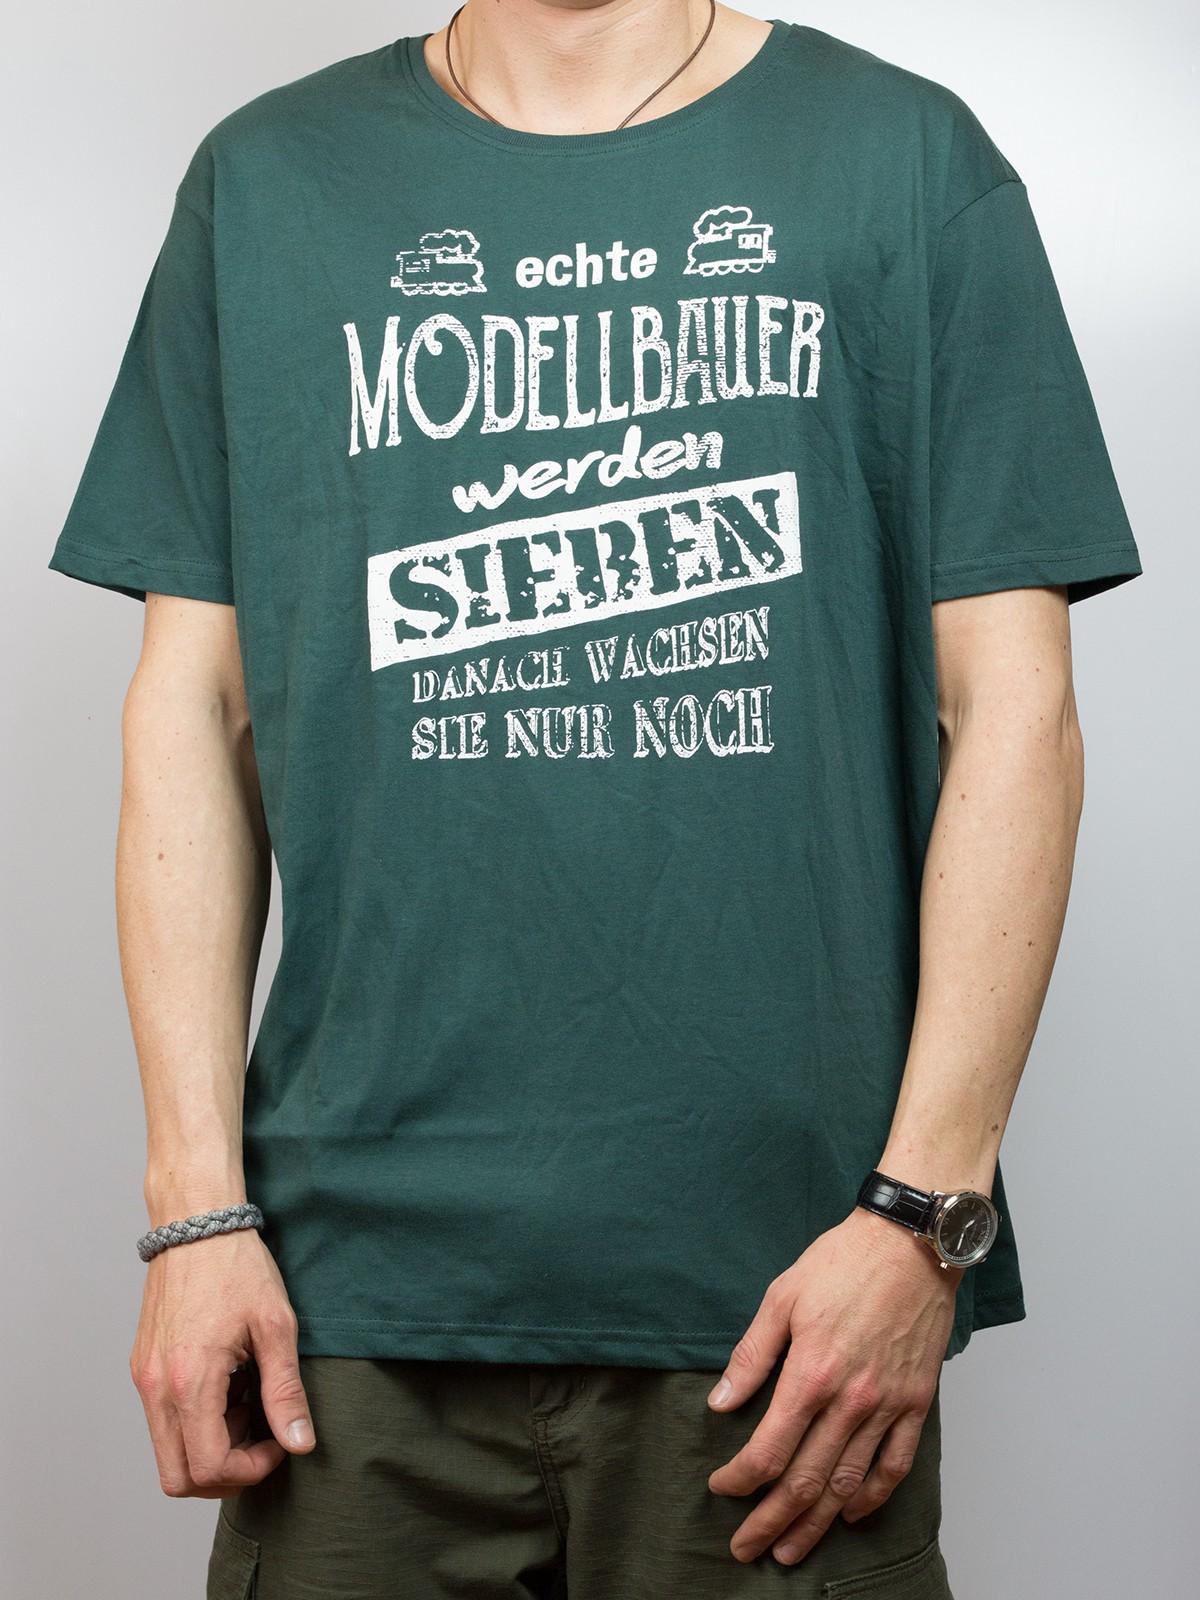 """T-Shirt """"echte Modellbauer werden sieben..."""""""